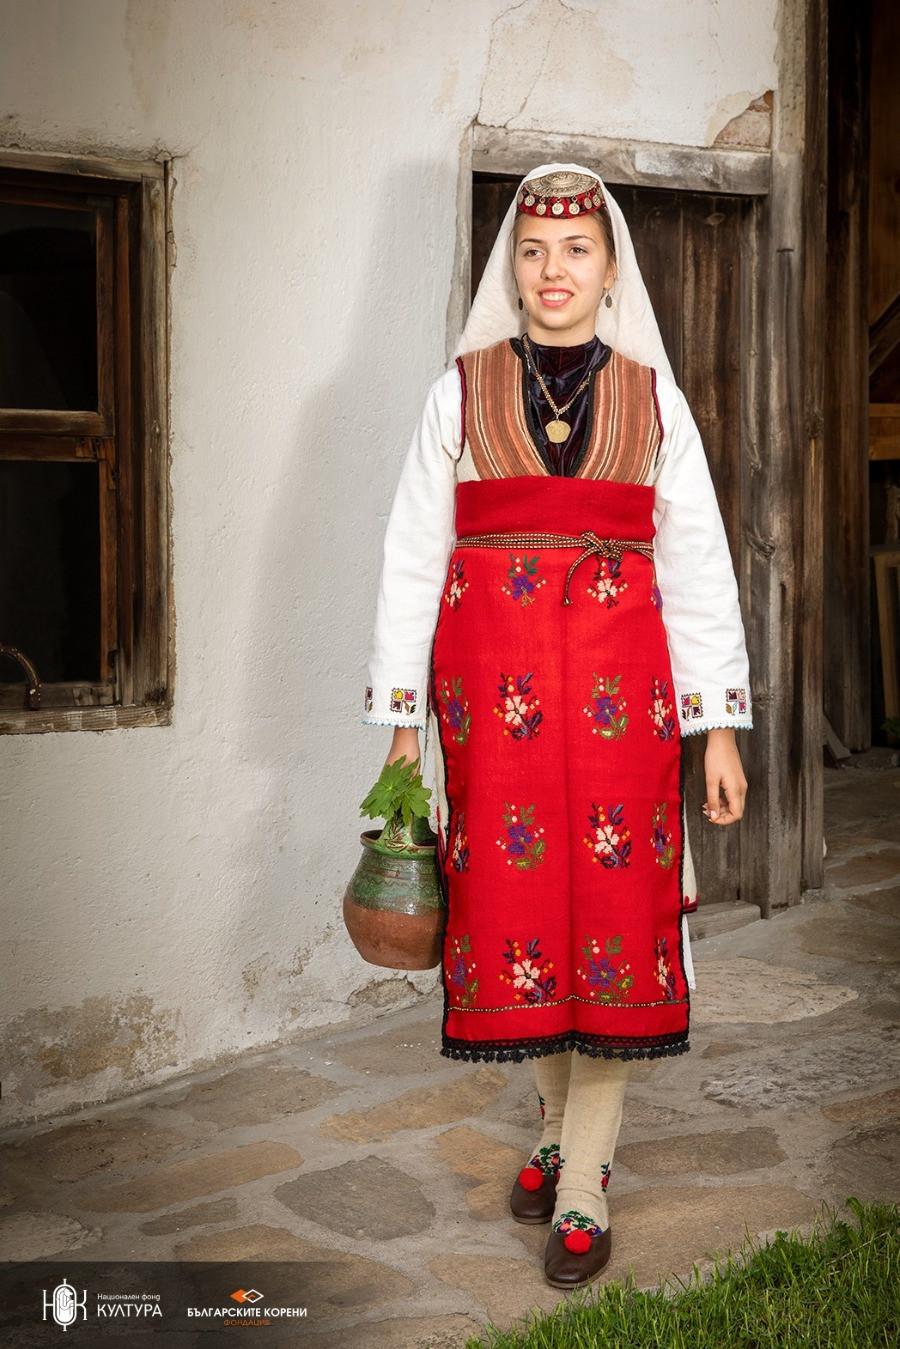 Разложки бял клашник – празнично невестинско облекло от края на ХІХ век